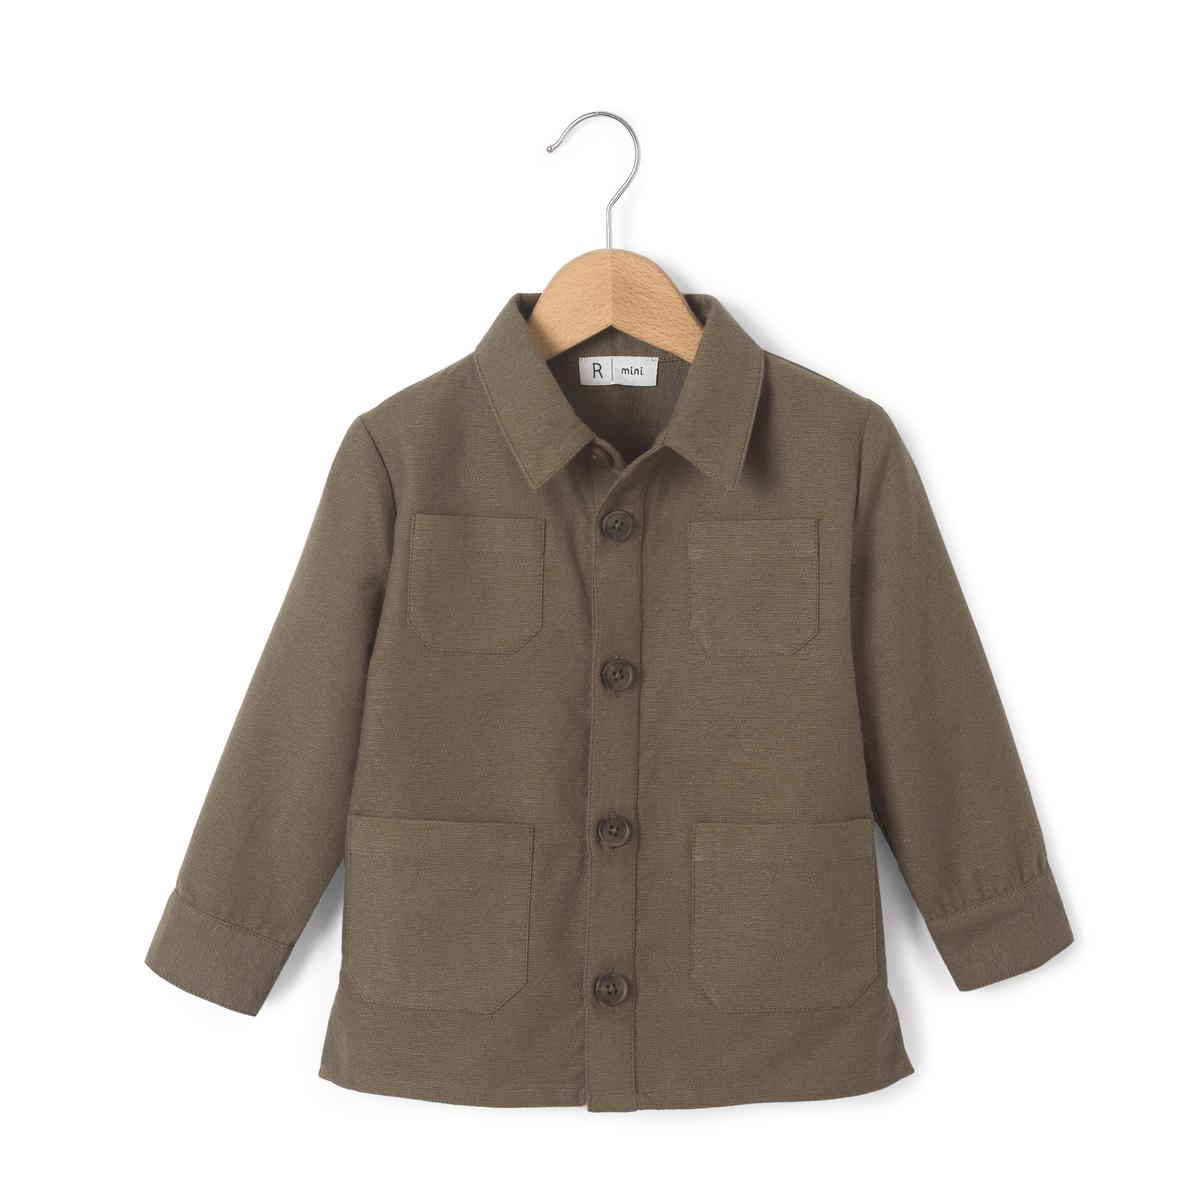 Рубашка 1 мес - 3 летРубашка в стиле жакета сафари. 4 накладных кармана спереди. Застежка на пуговицы. Рубашечный воротник. Отрезные детали сзади.Состав и описаниеМатериал:          100% хлопокМарка:          R miniУходМашинная стирка при 30 °С с вещами схожих цветовСтирать и гладить с изнаночной стороныМашинная сушка запрещенаГладить на низкой температуре<br><br>Цвет: хаки<br>Размер: 9 мес. - 71 см.6 мес. - 67 см.3 мес. - 60 см.1 мес. - 54 см.1 год - 74 см